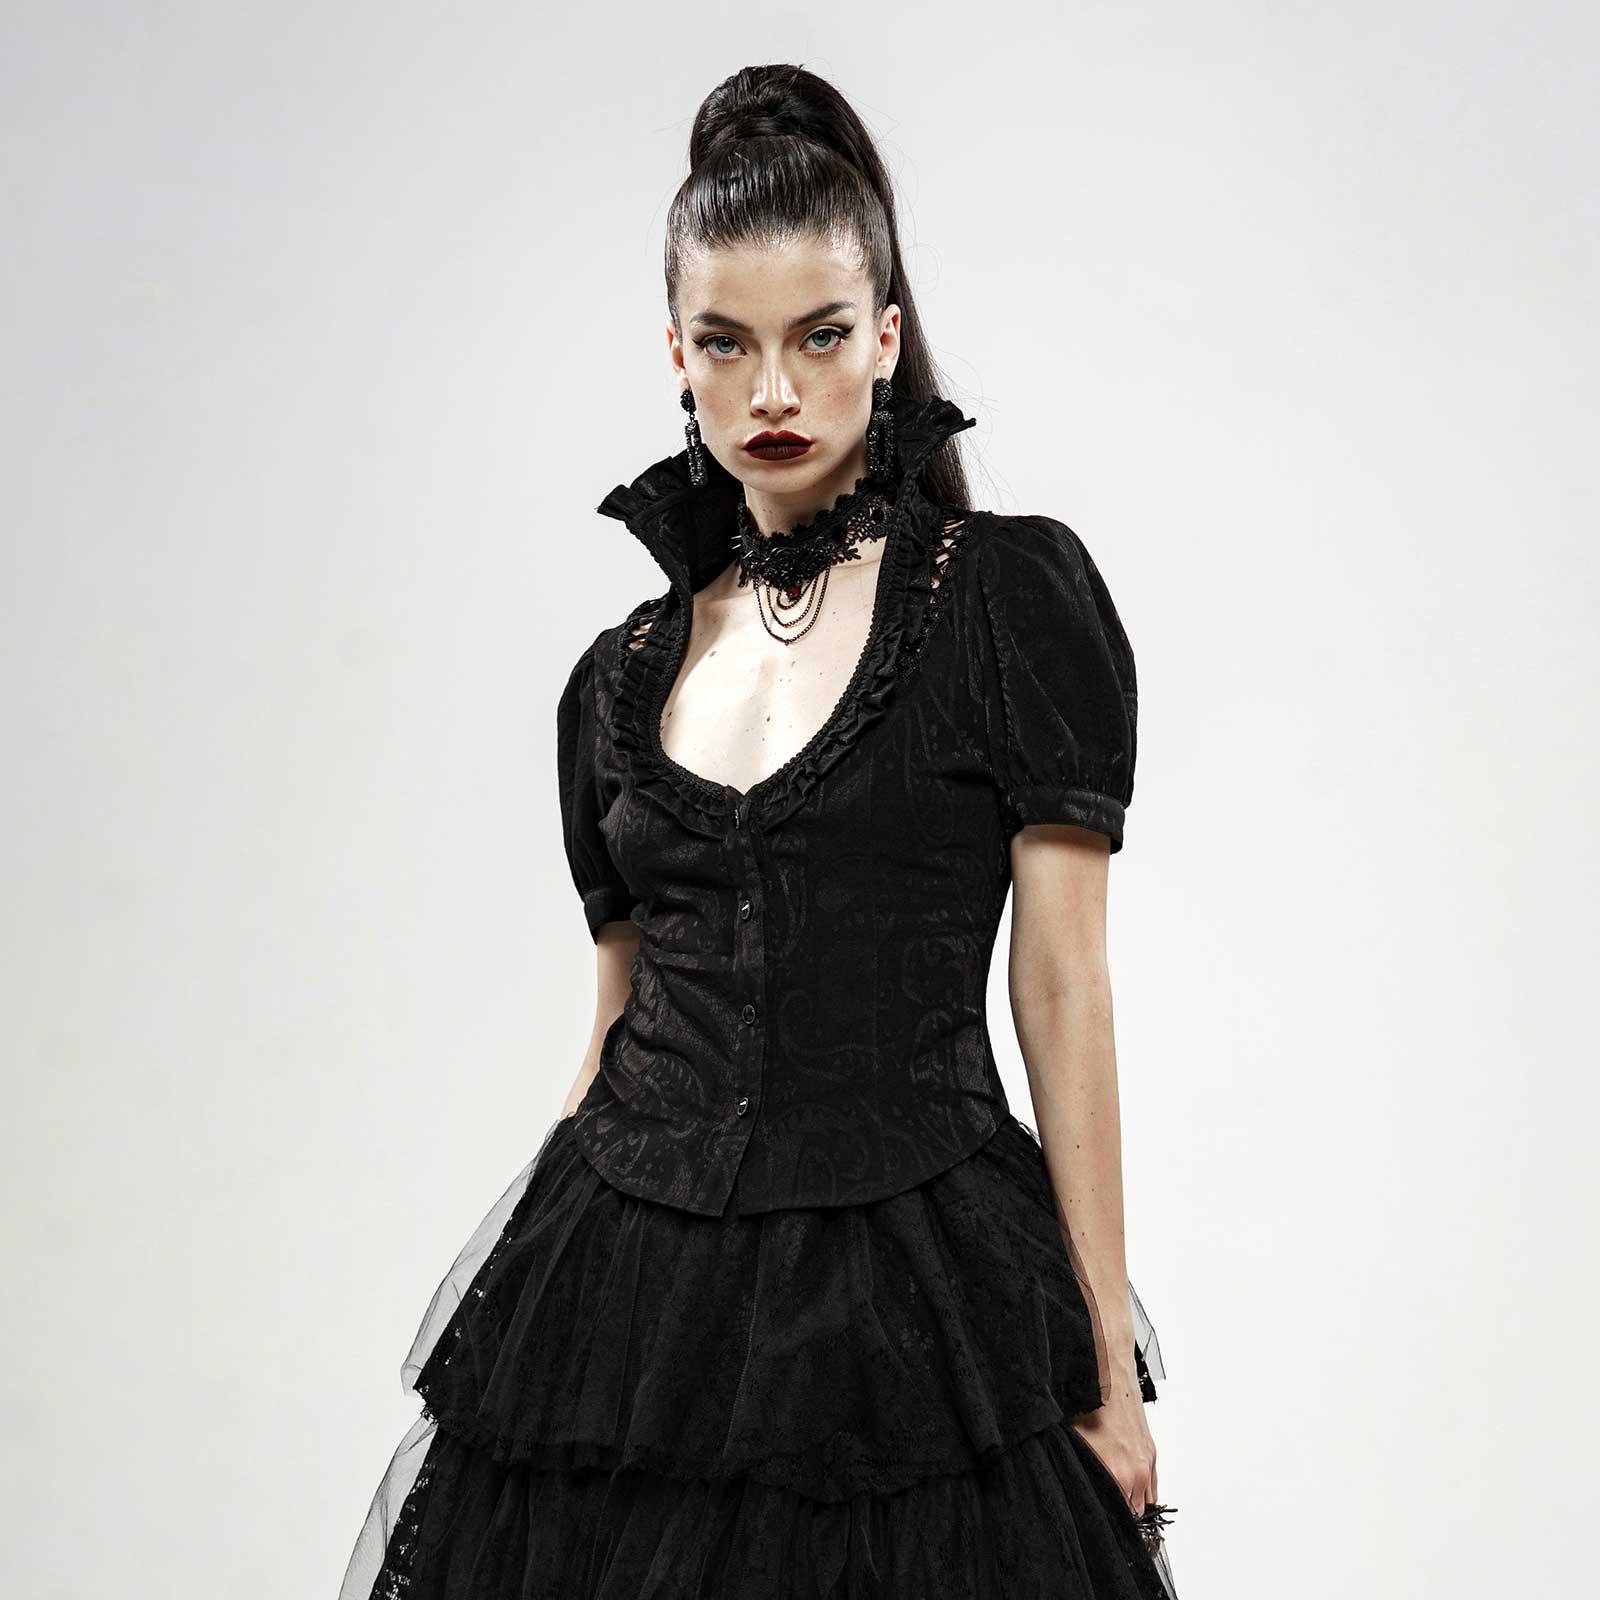 Spitze Neckholder Top Oberteil Gothic Lolita Viktorianisch Rüschen Dark PunkRave